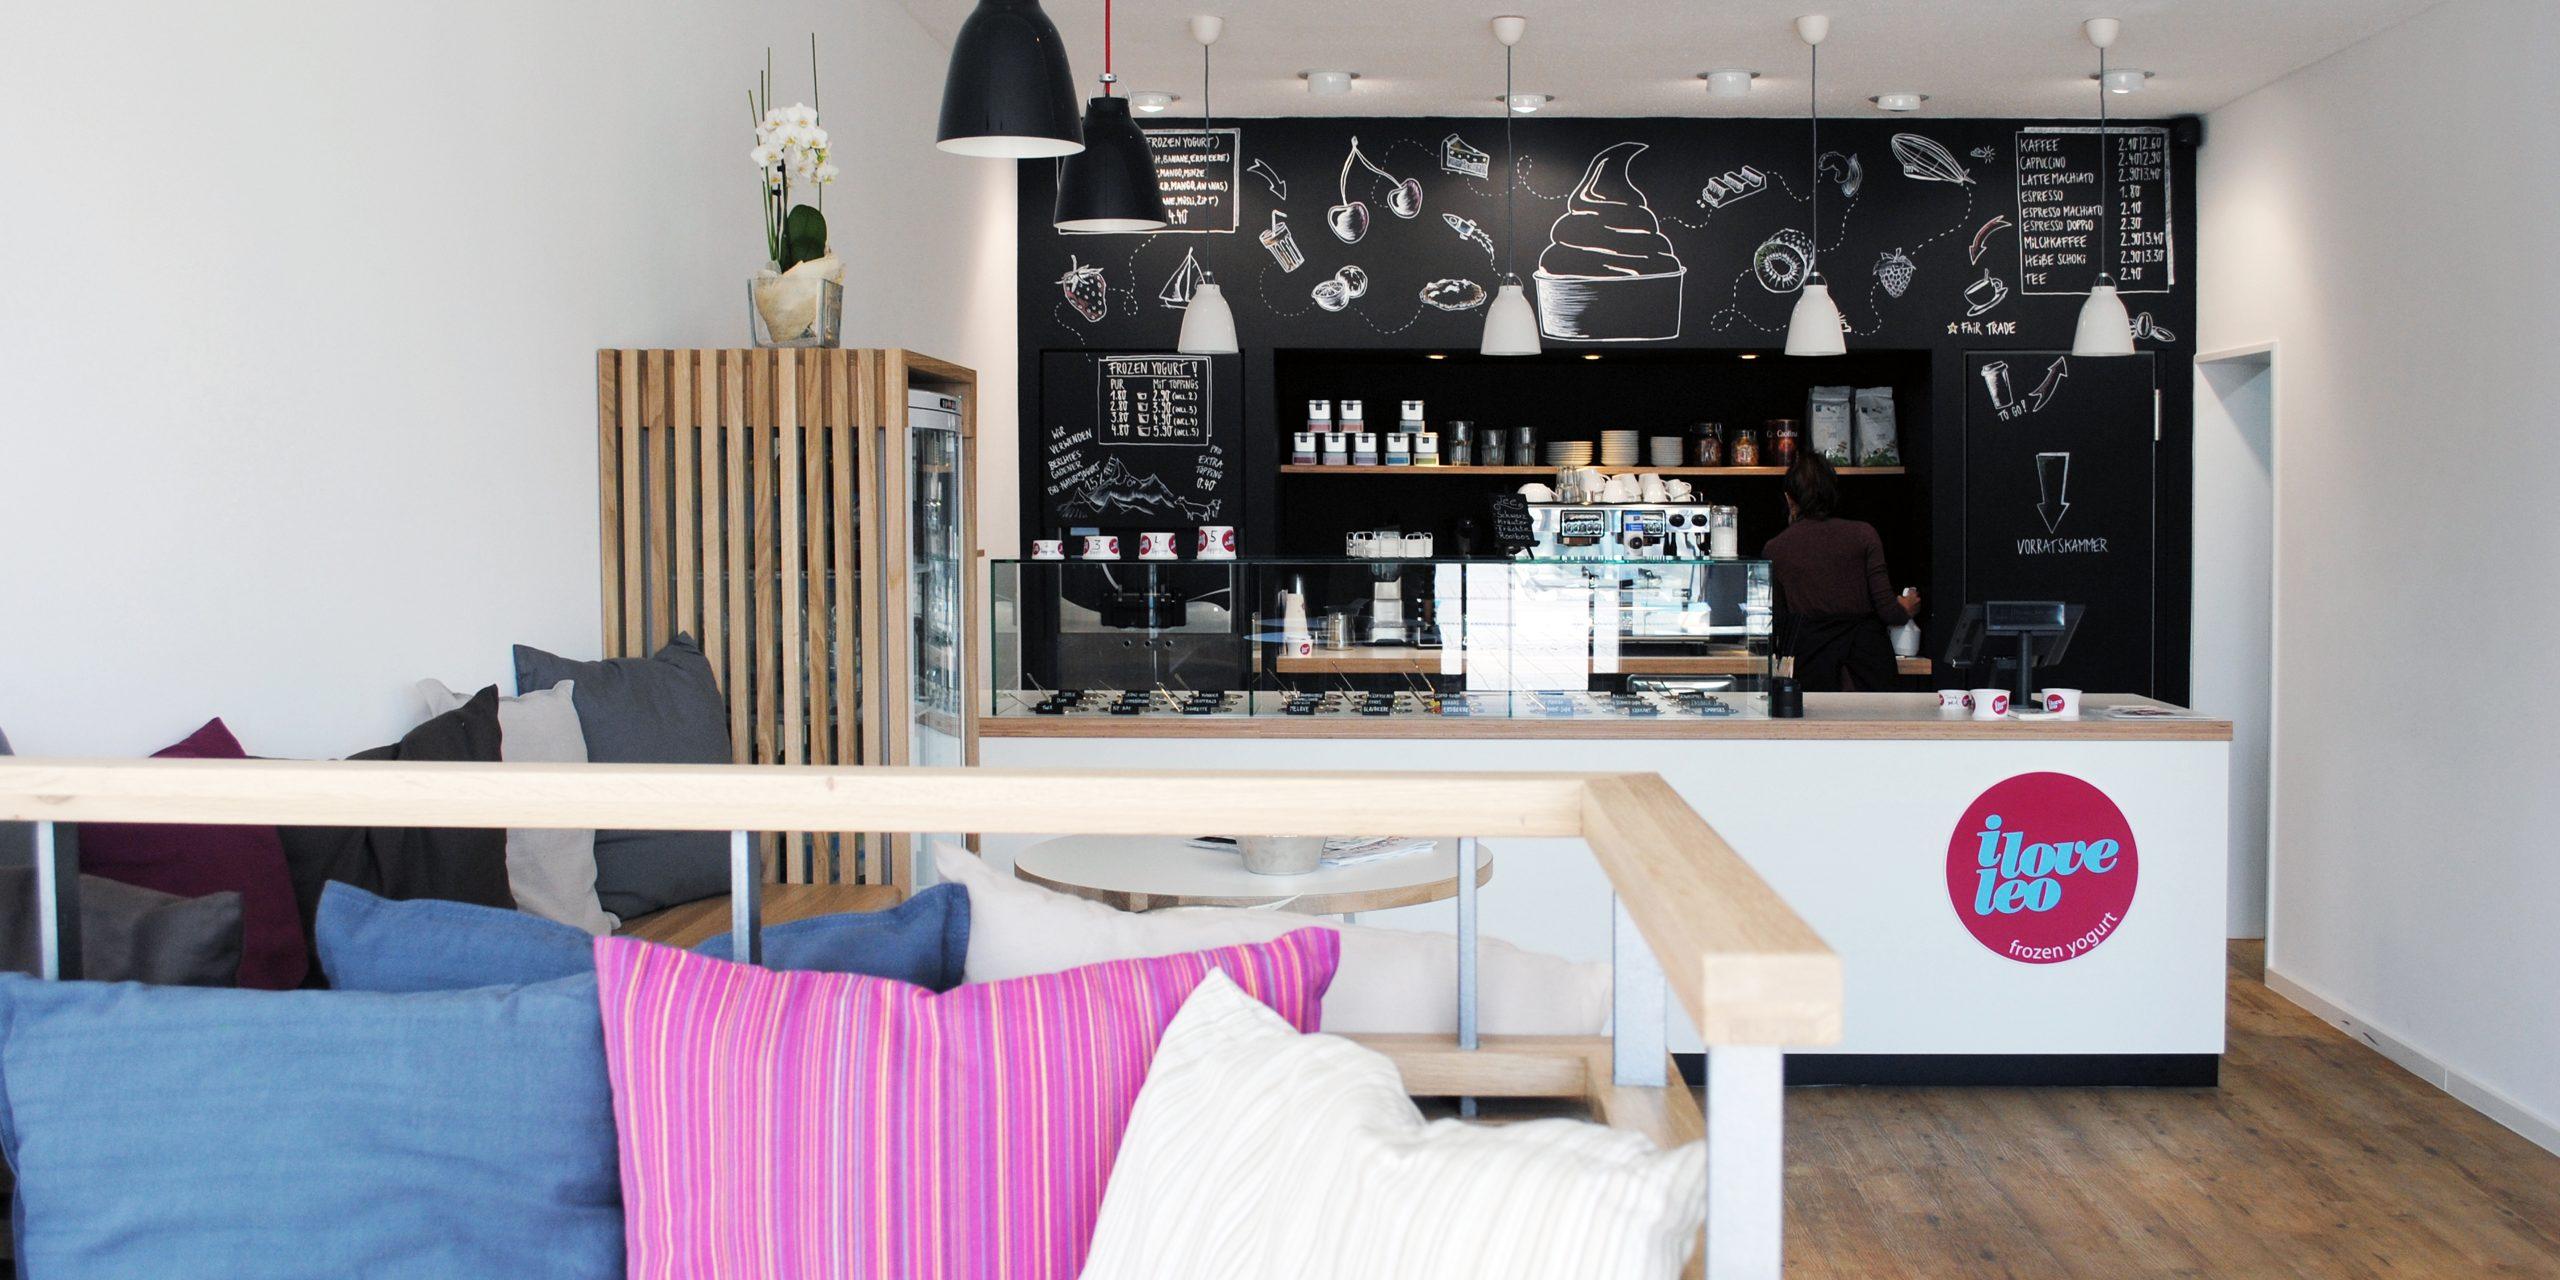 jacob-mayer-voigt-architekt-interior-design-gastronomie-theke